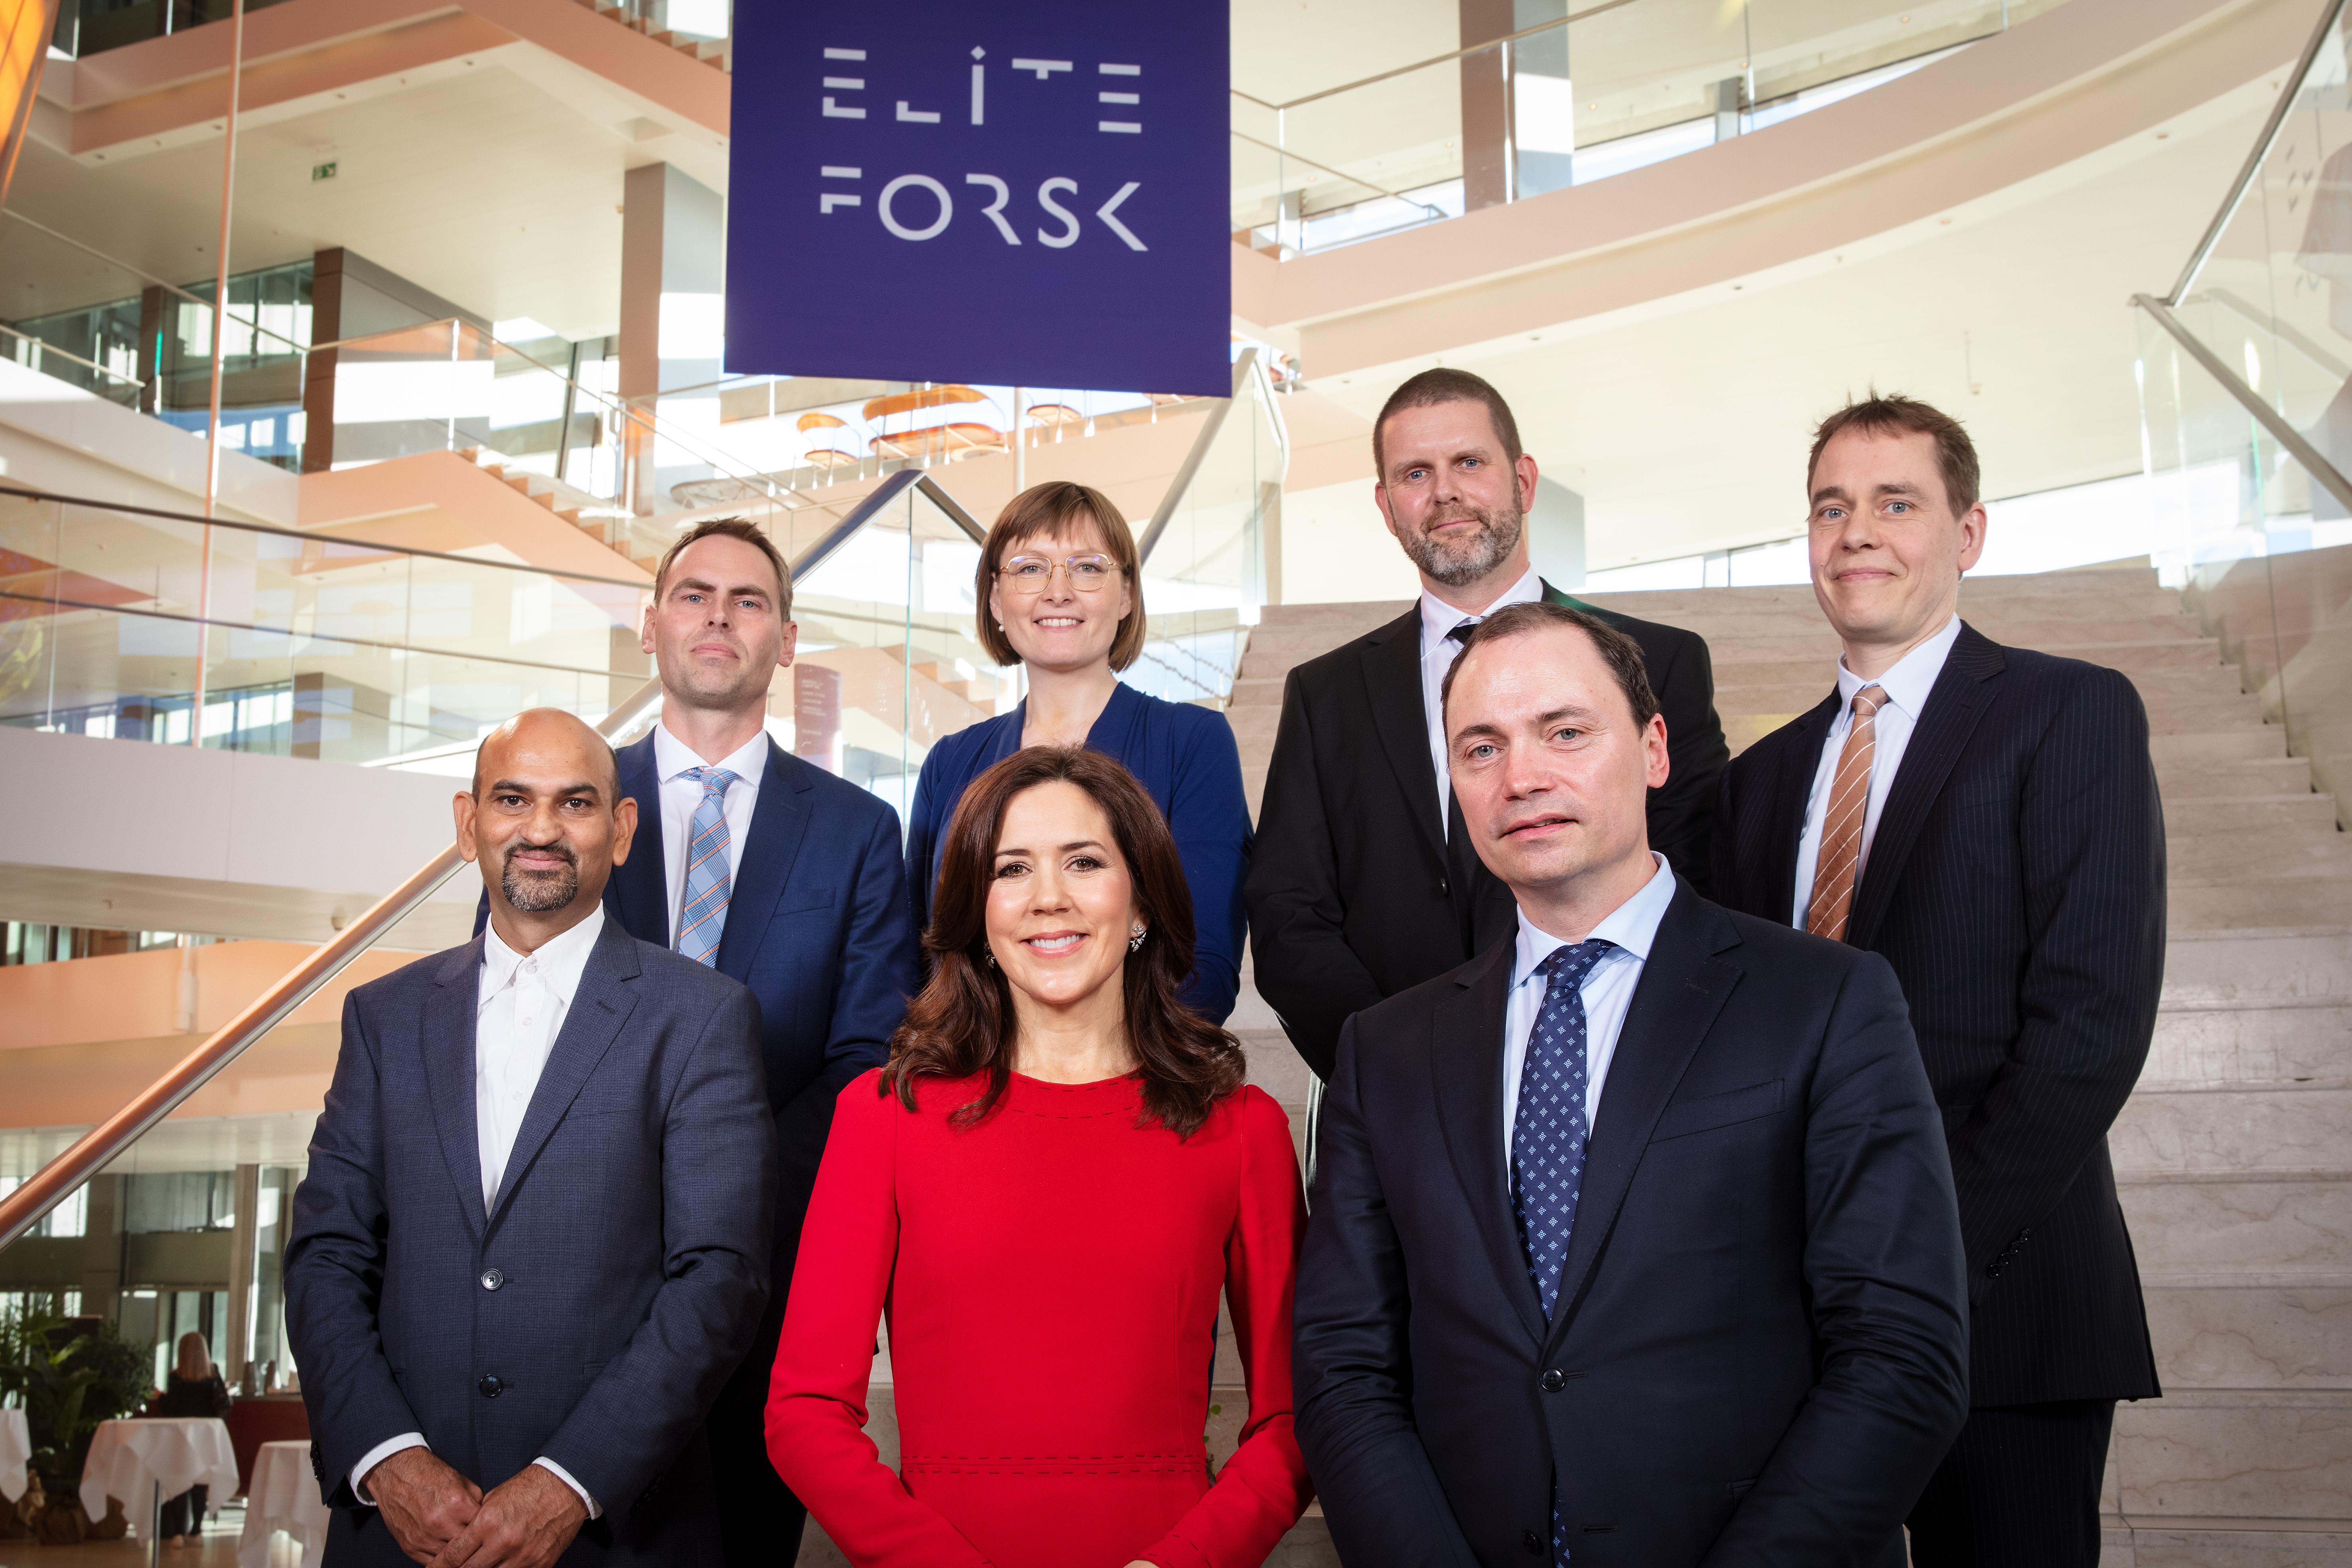 EliteForsk-prismodtagerne 2019, H.K.H. Kronprinsesse Mary og uddannelses- og forskningsminister Tommy Ahlers